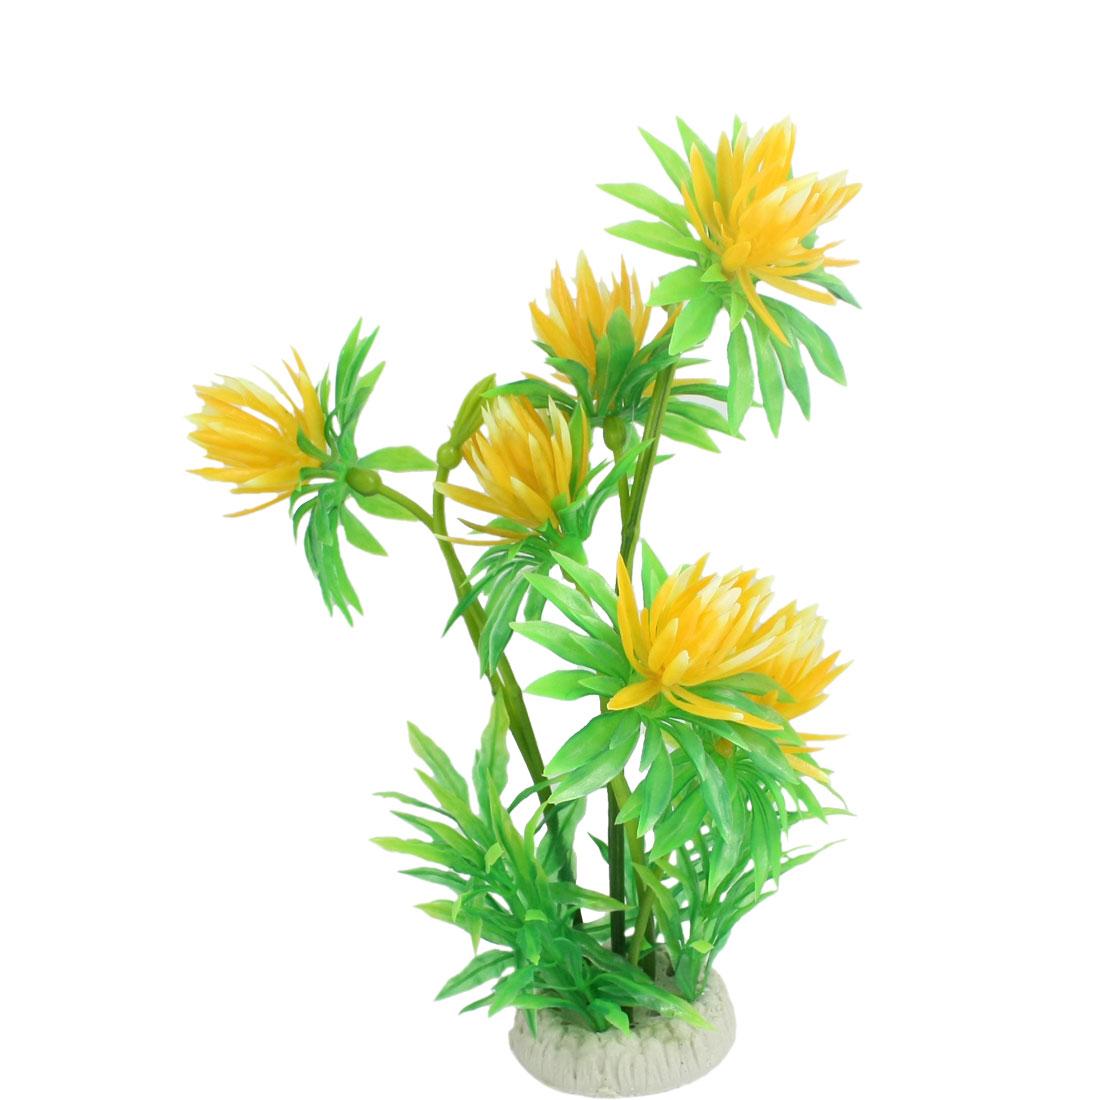 """11"""" Height Round Ceramic Base Green Yellow Plastic Fish Aquarium Ornament Plant"""